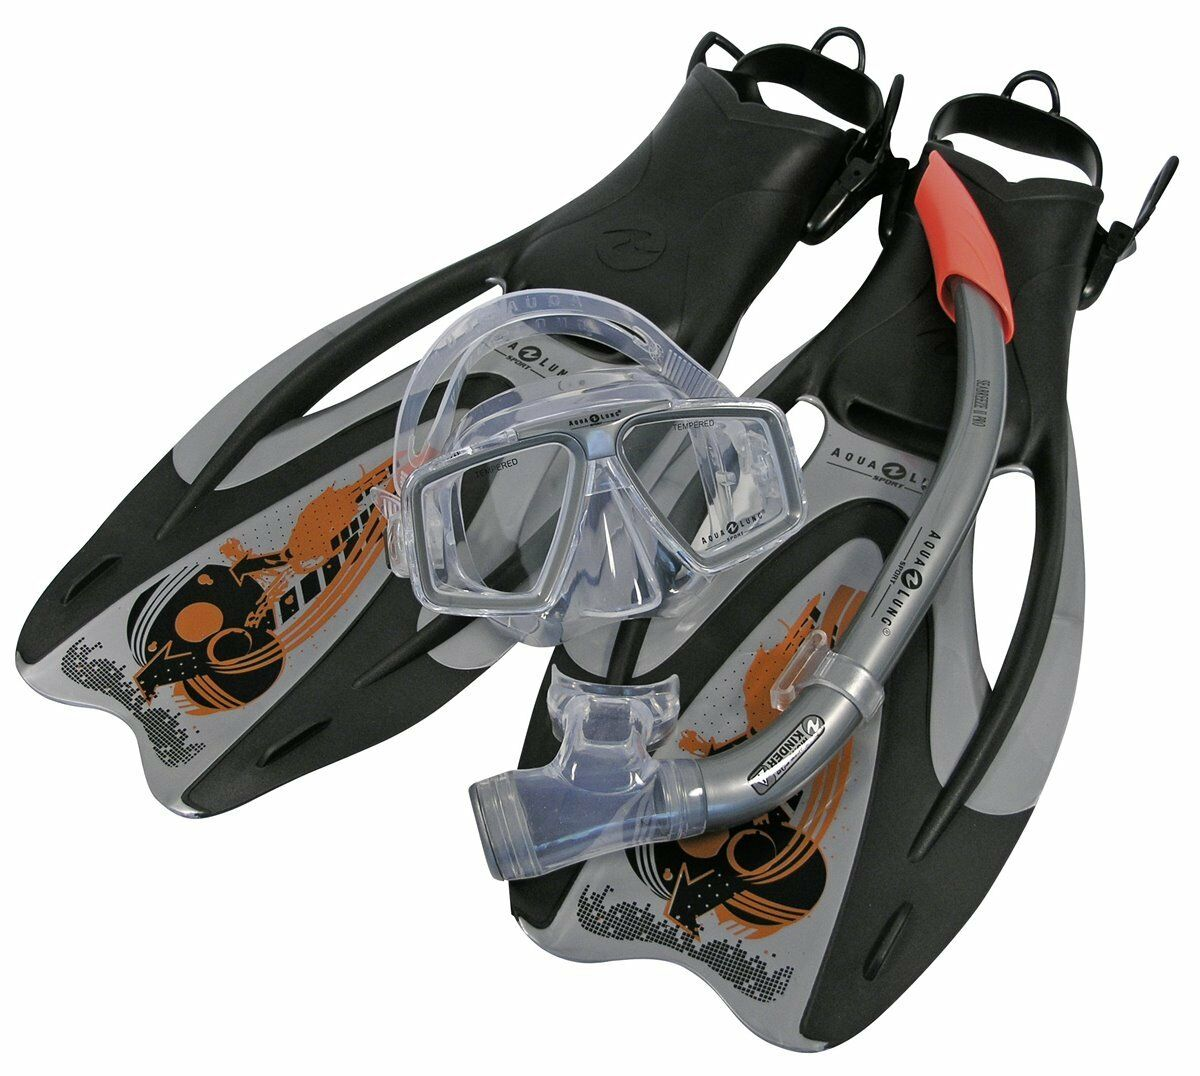 Aqualung Set de Buceo Pro ADJ plata-naranja Talla 36-48 Máscara, FLUIDO,